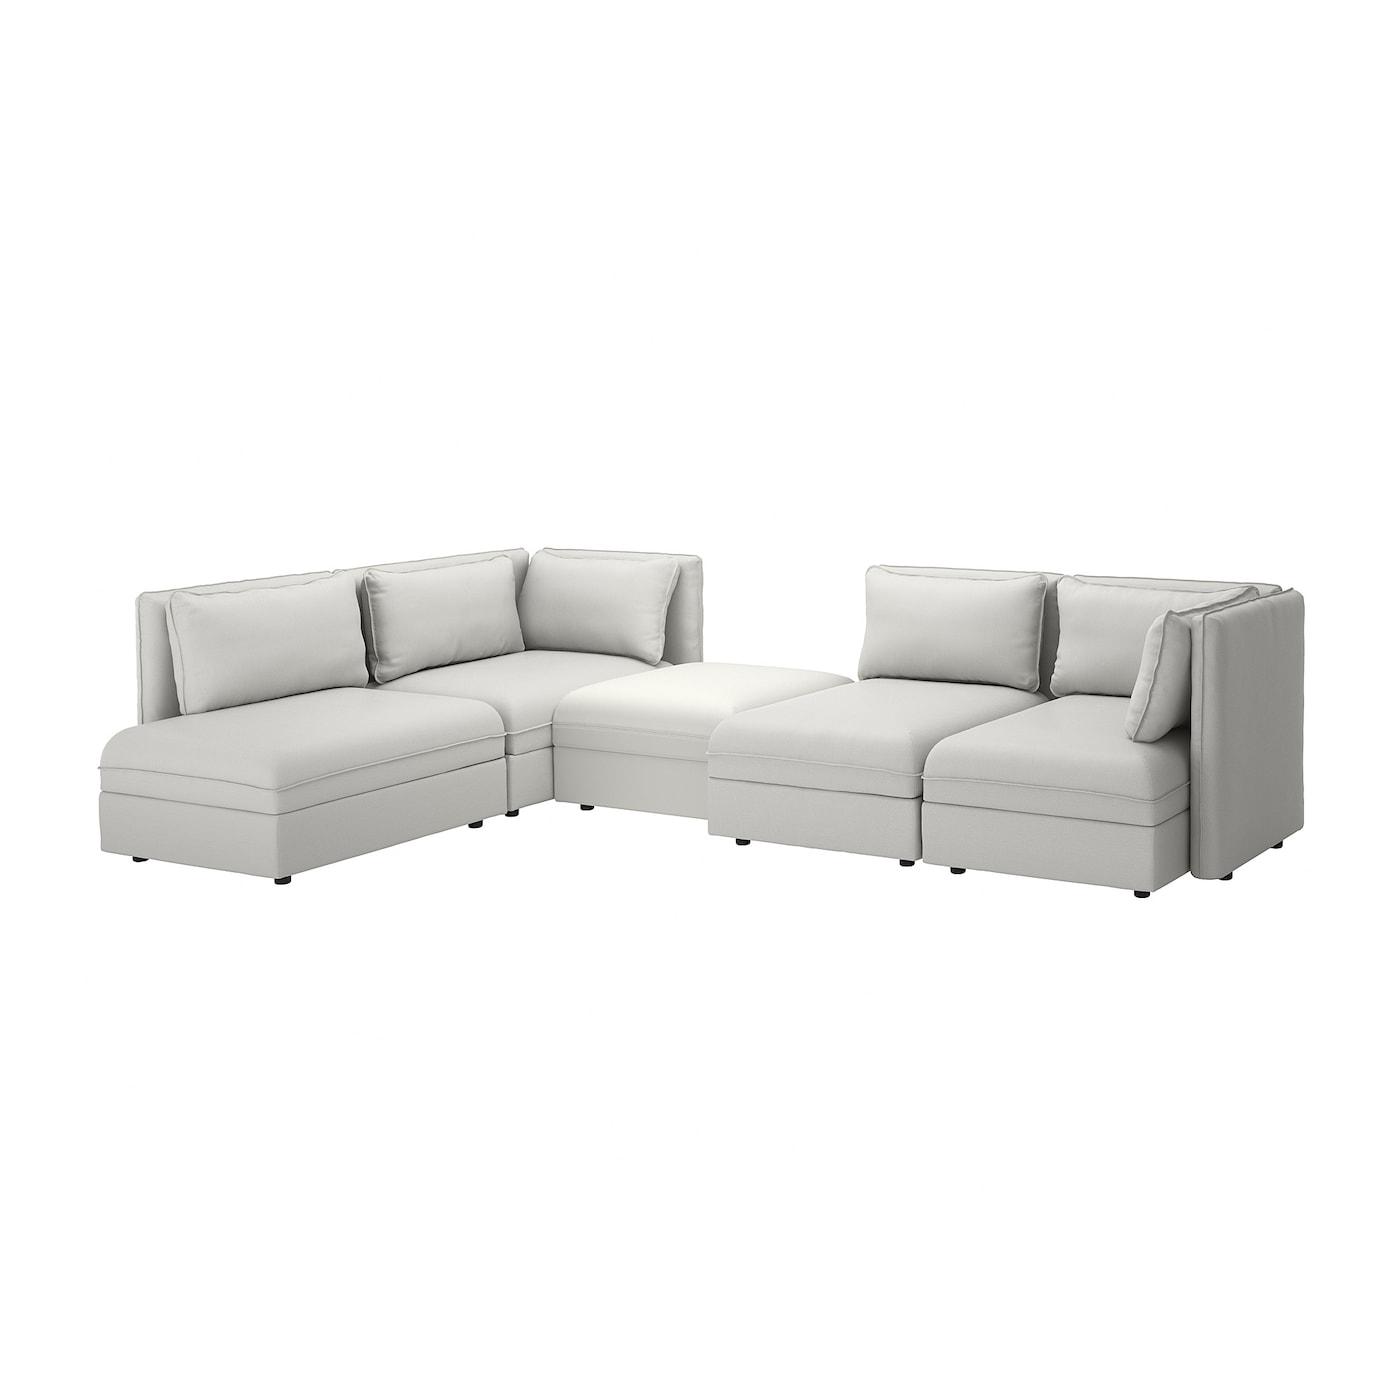 Ikea Vallentuna Modular Corner Sofa 4 Seat